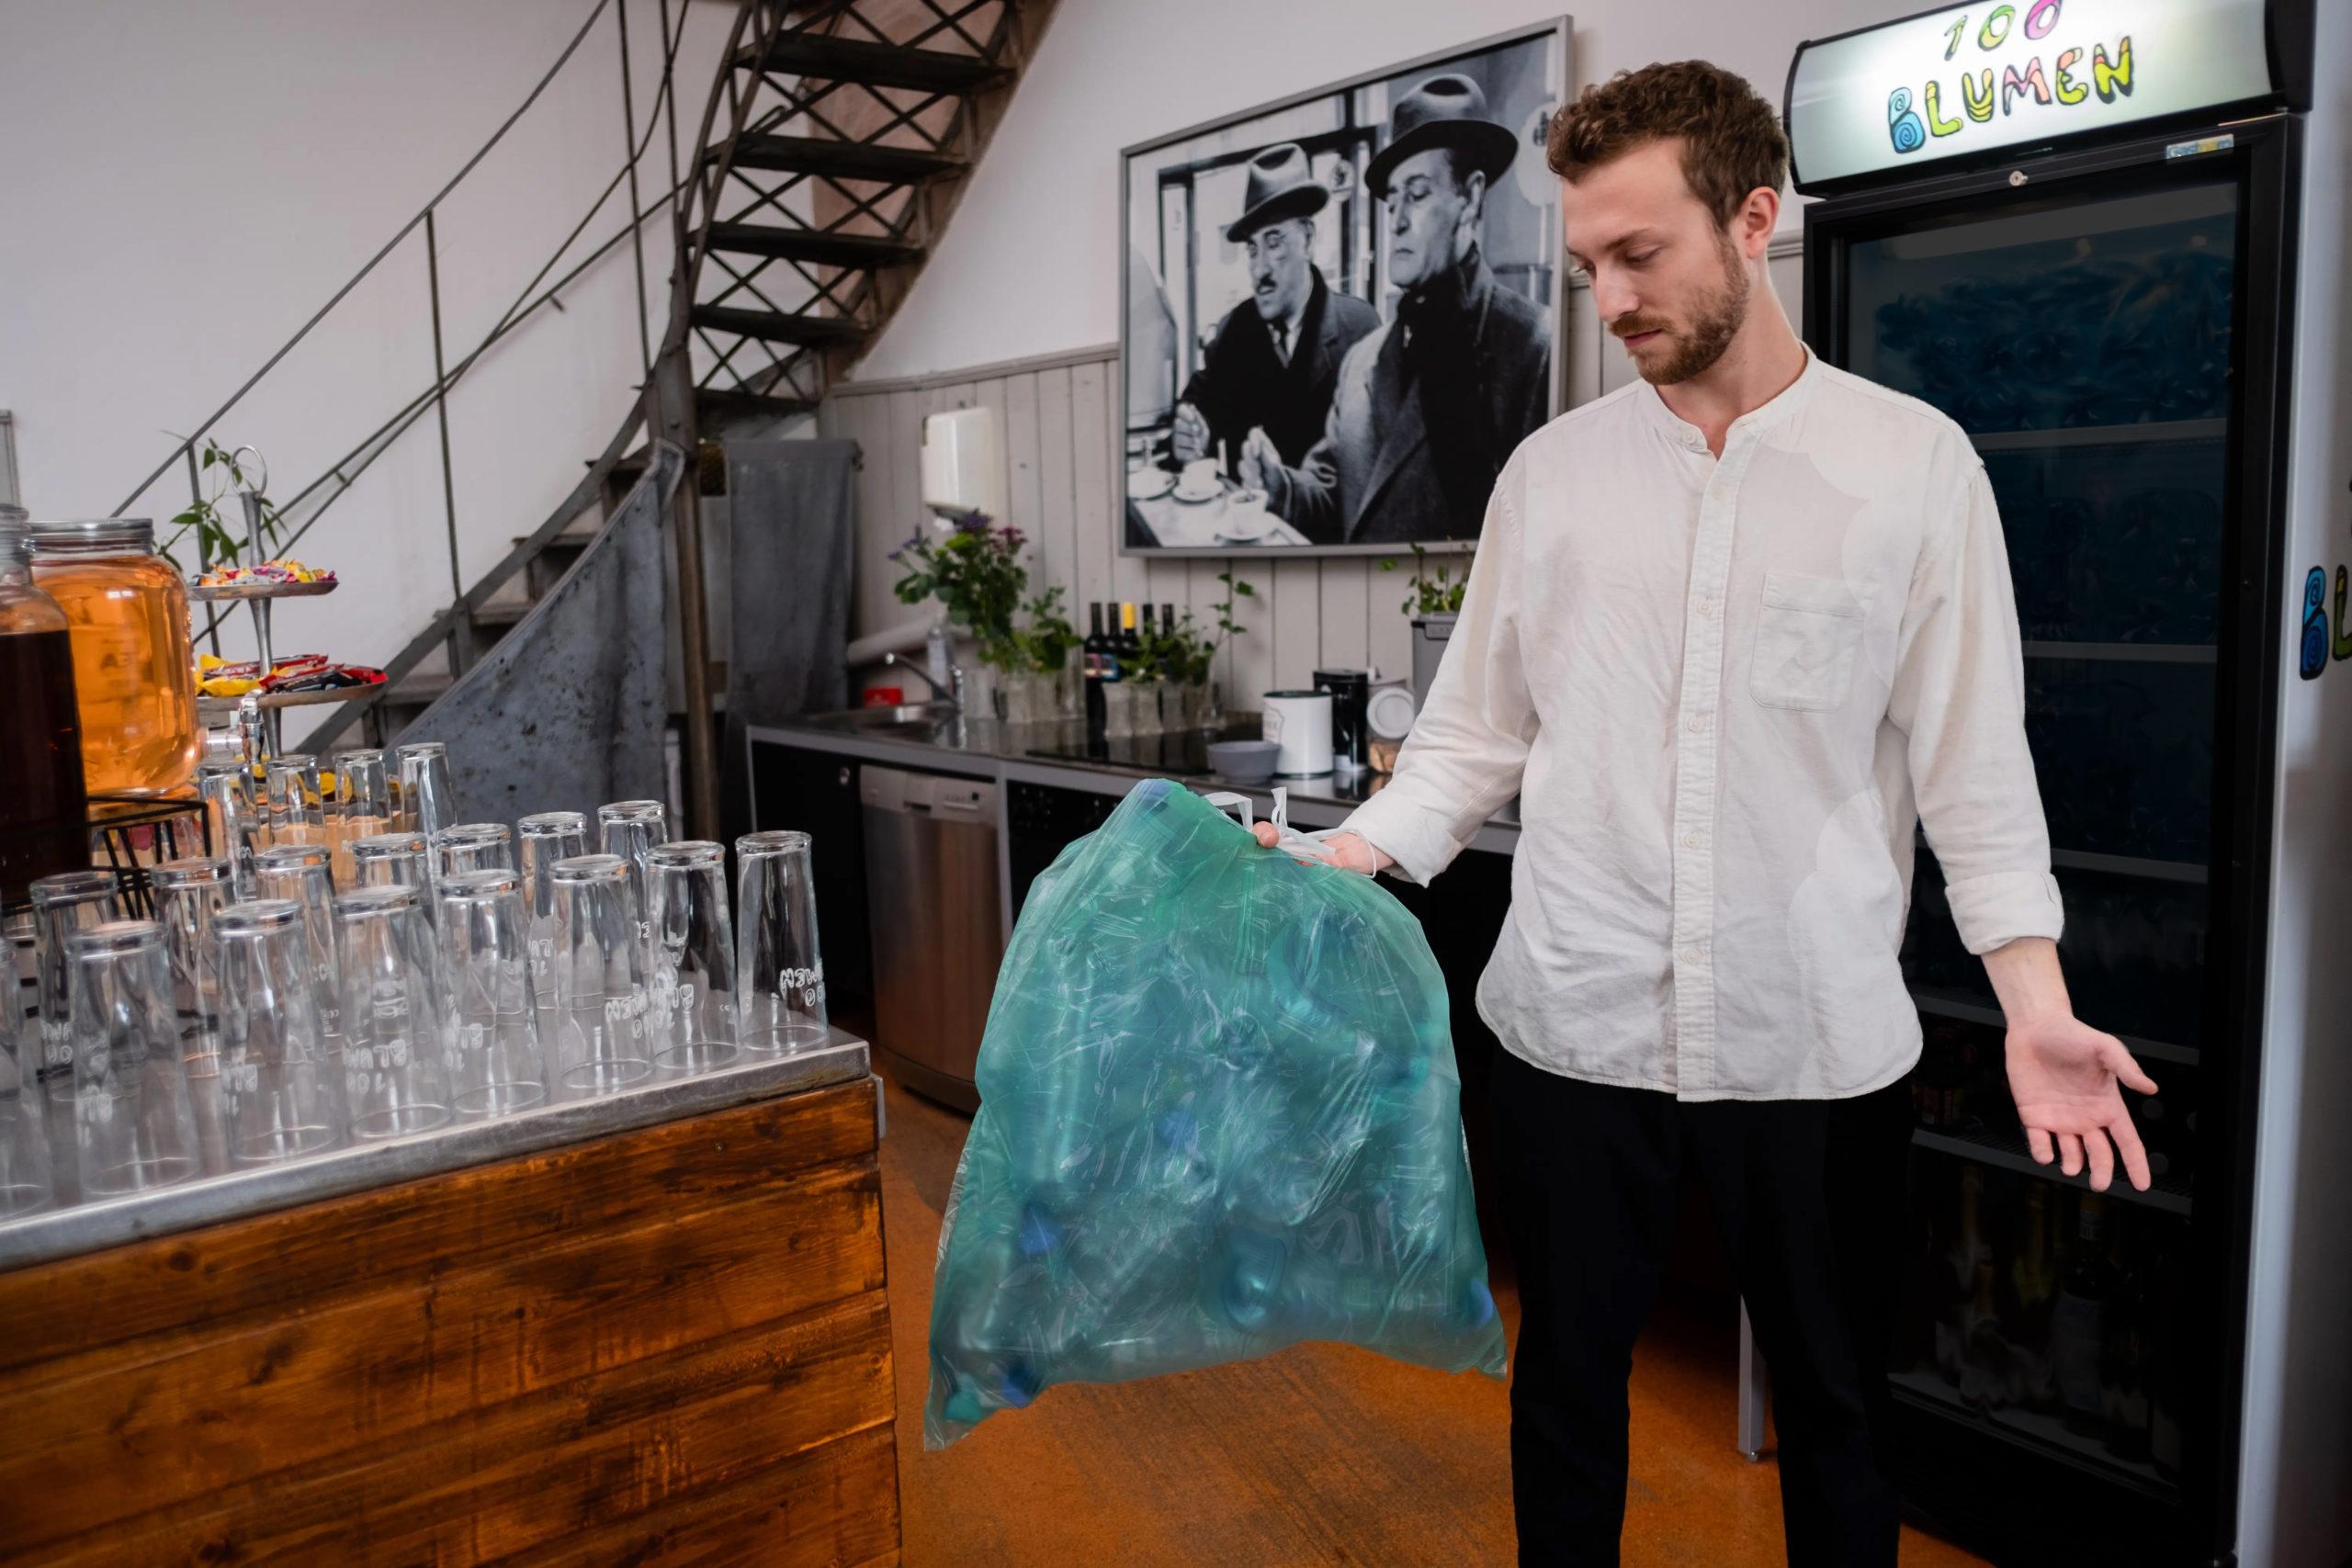 Mann Bringt Plastikflaschen Zum Mist